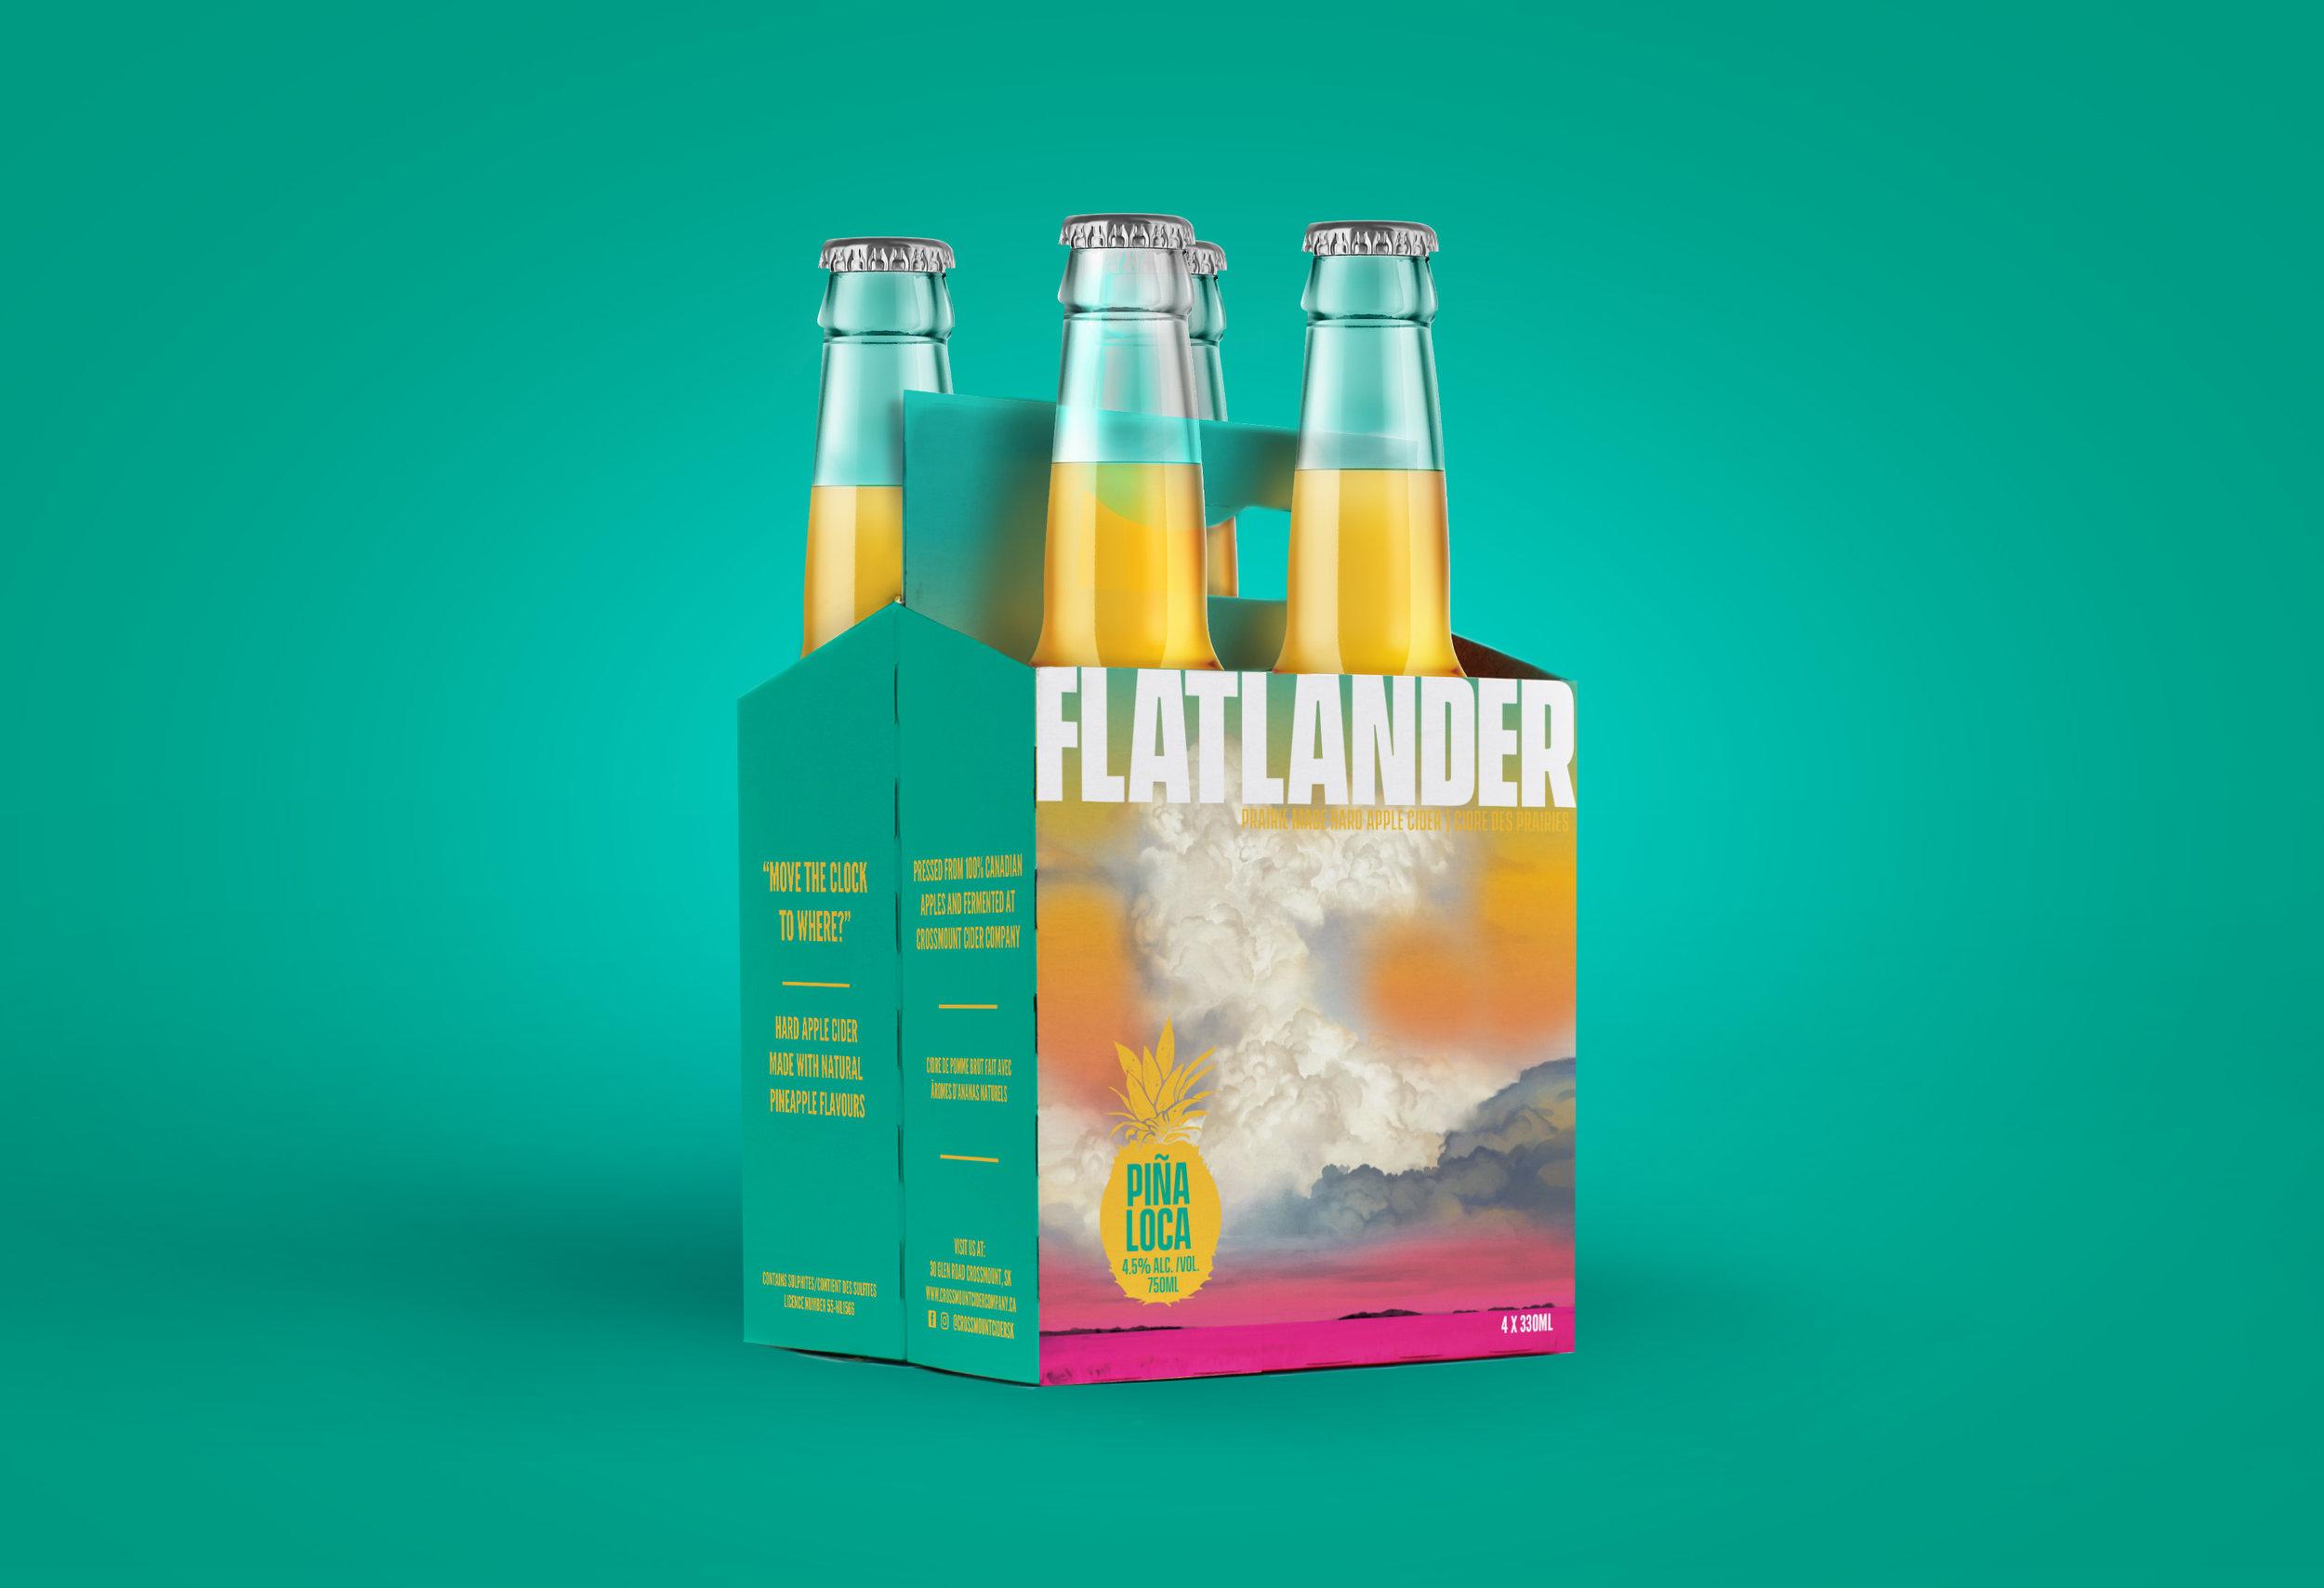 Flatlander Cider Pina Loca Mock Up.jpg